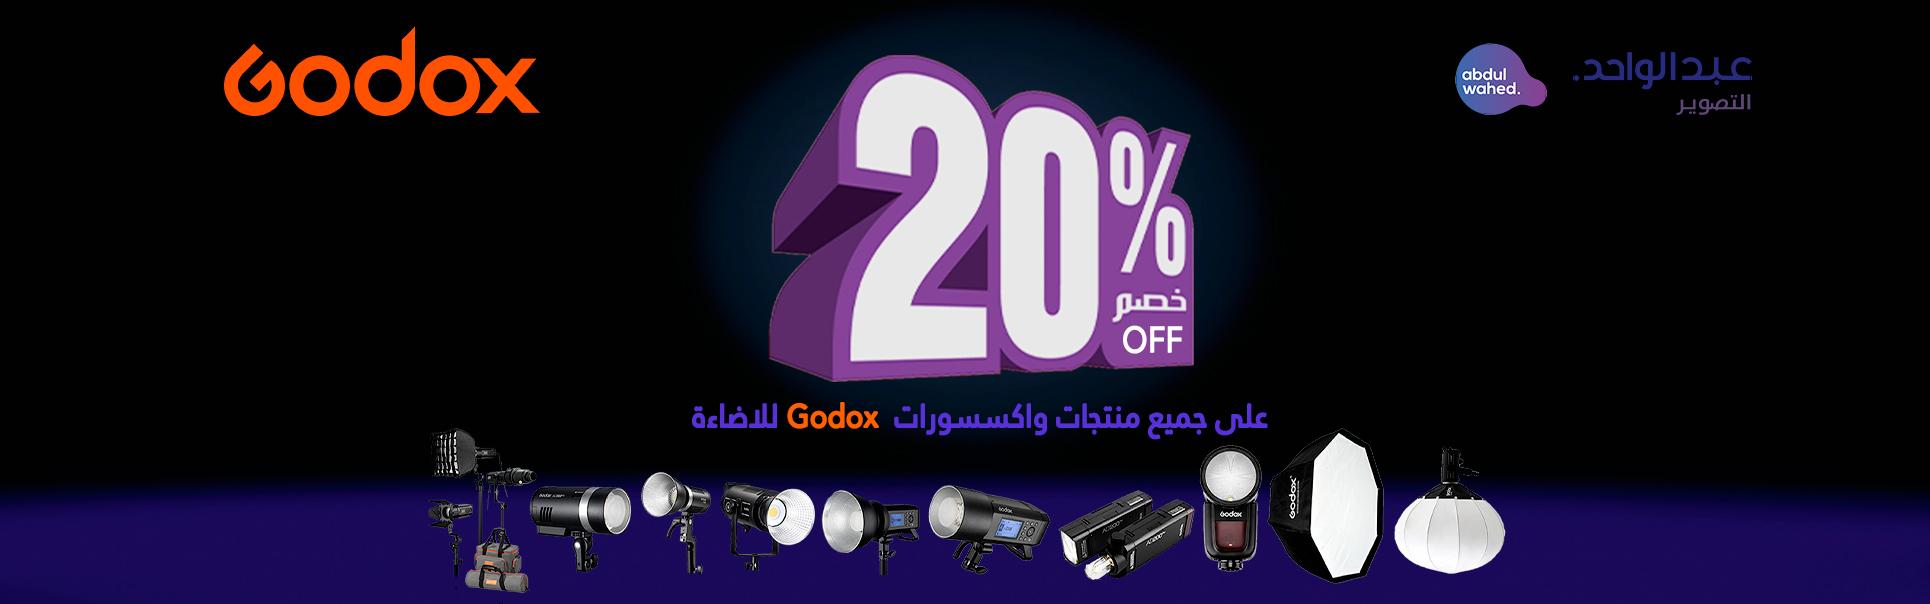 Godox Offers